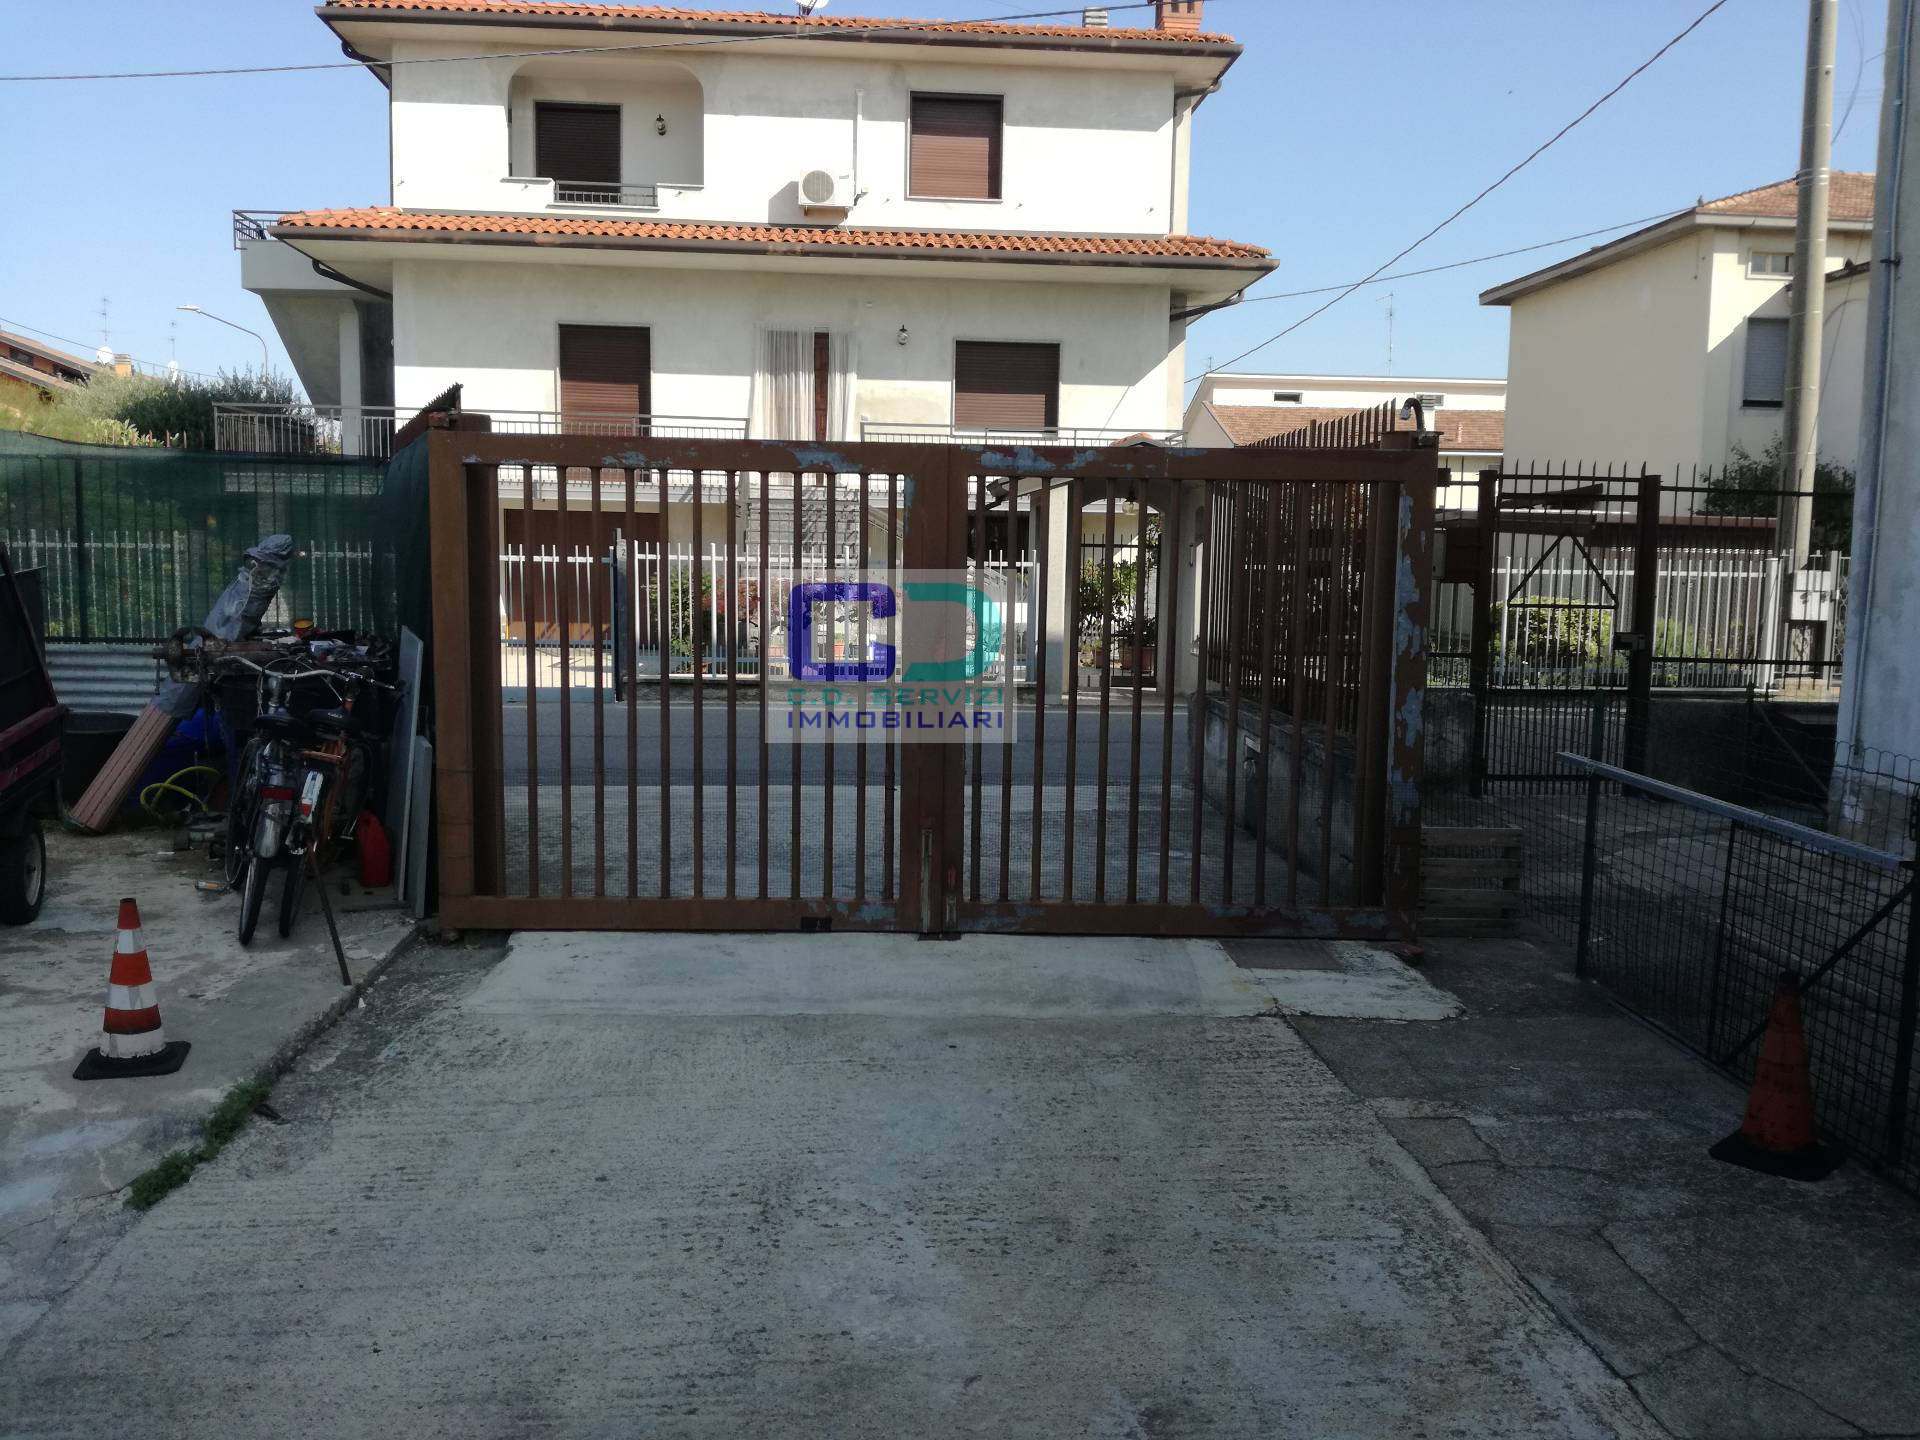 Appartamento in vendita a Ciserano, 3 locali, prezzo € 163.000 | CambioCasa.it